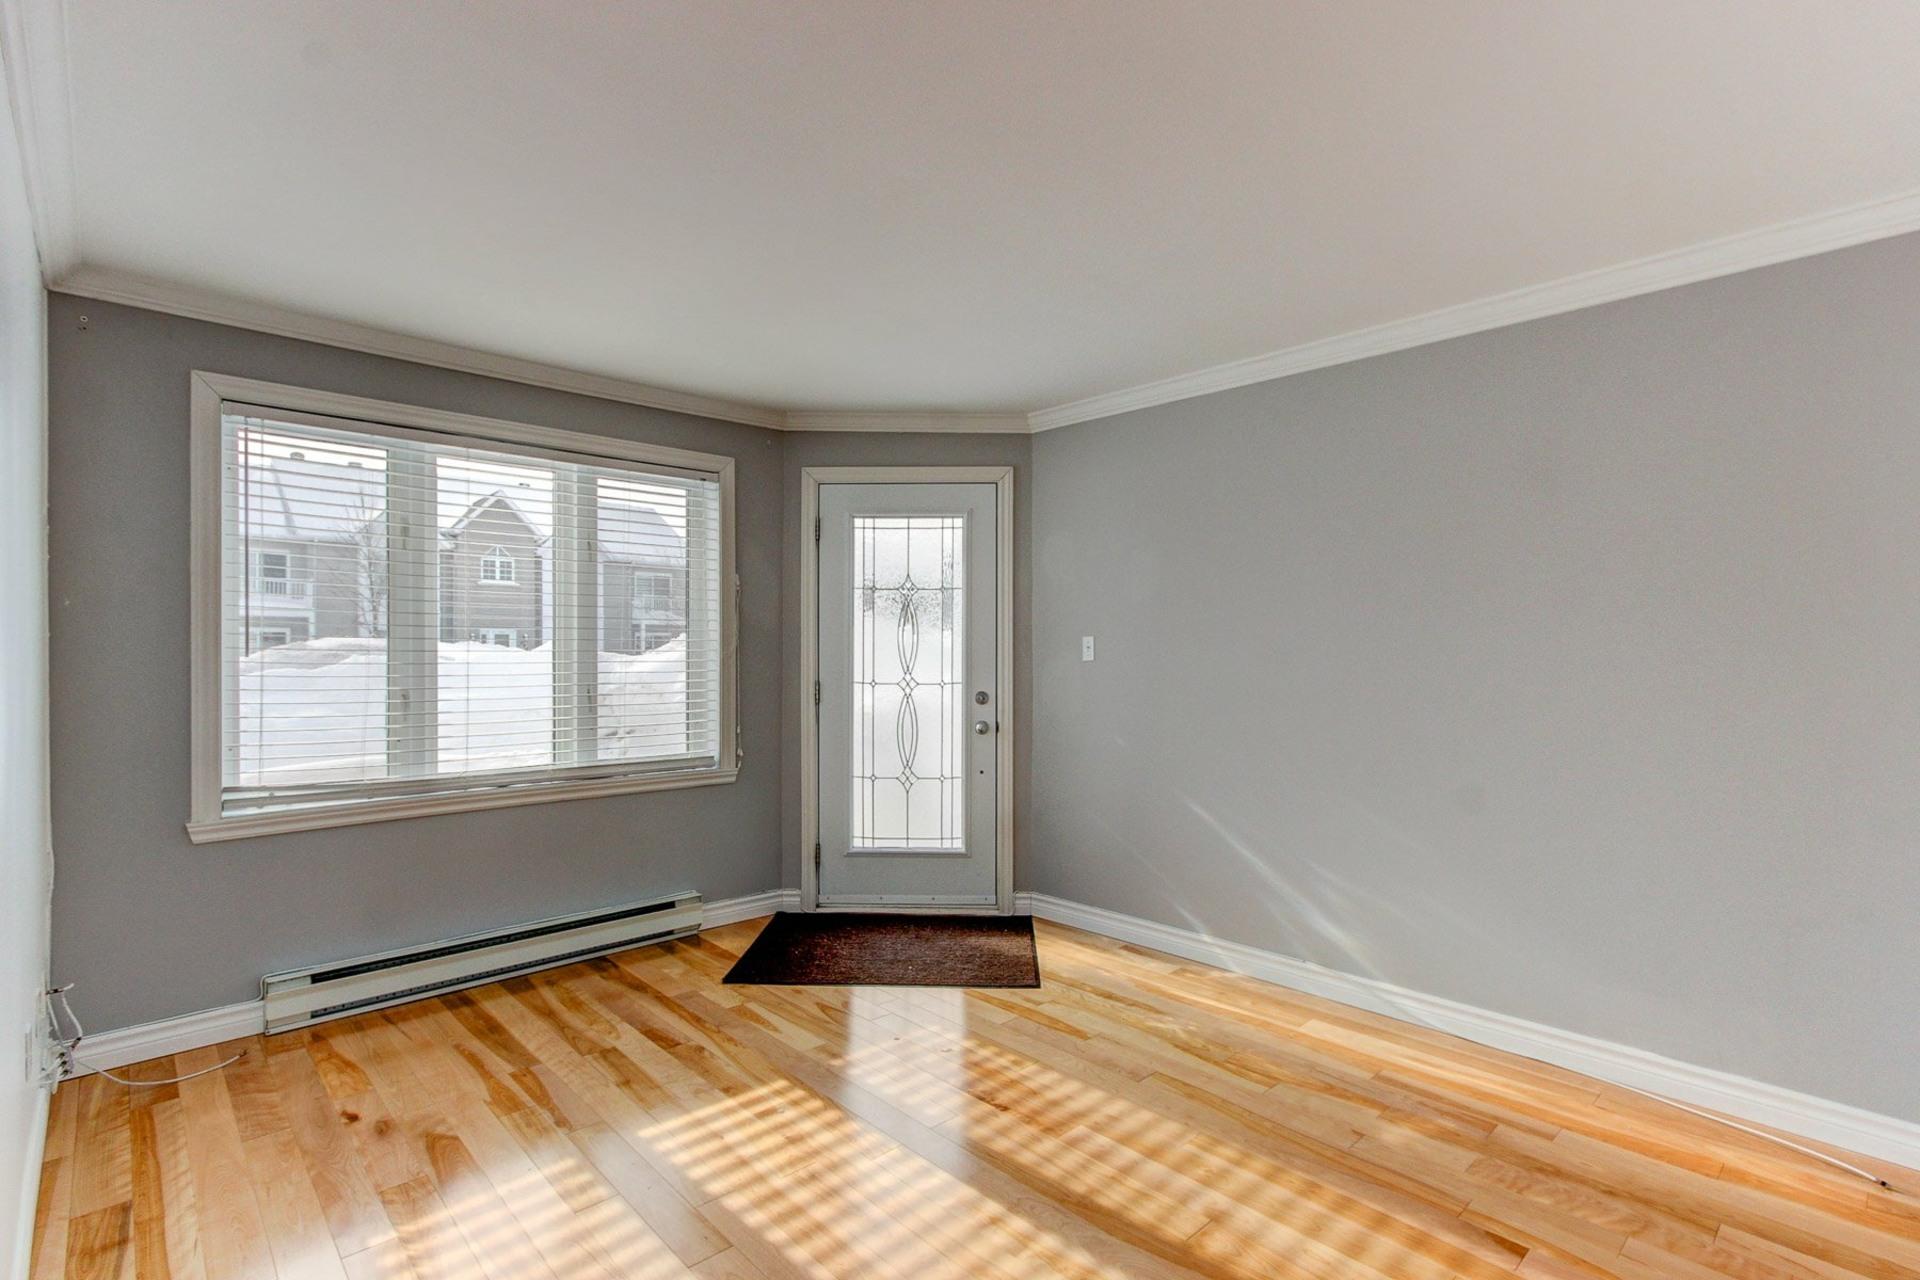 image 2 - Appartement À vendre Trois-Rivières - 6 pièces